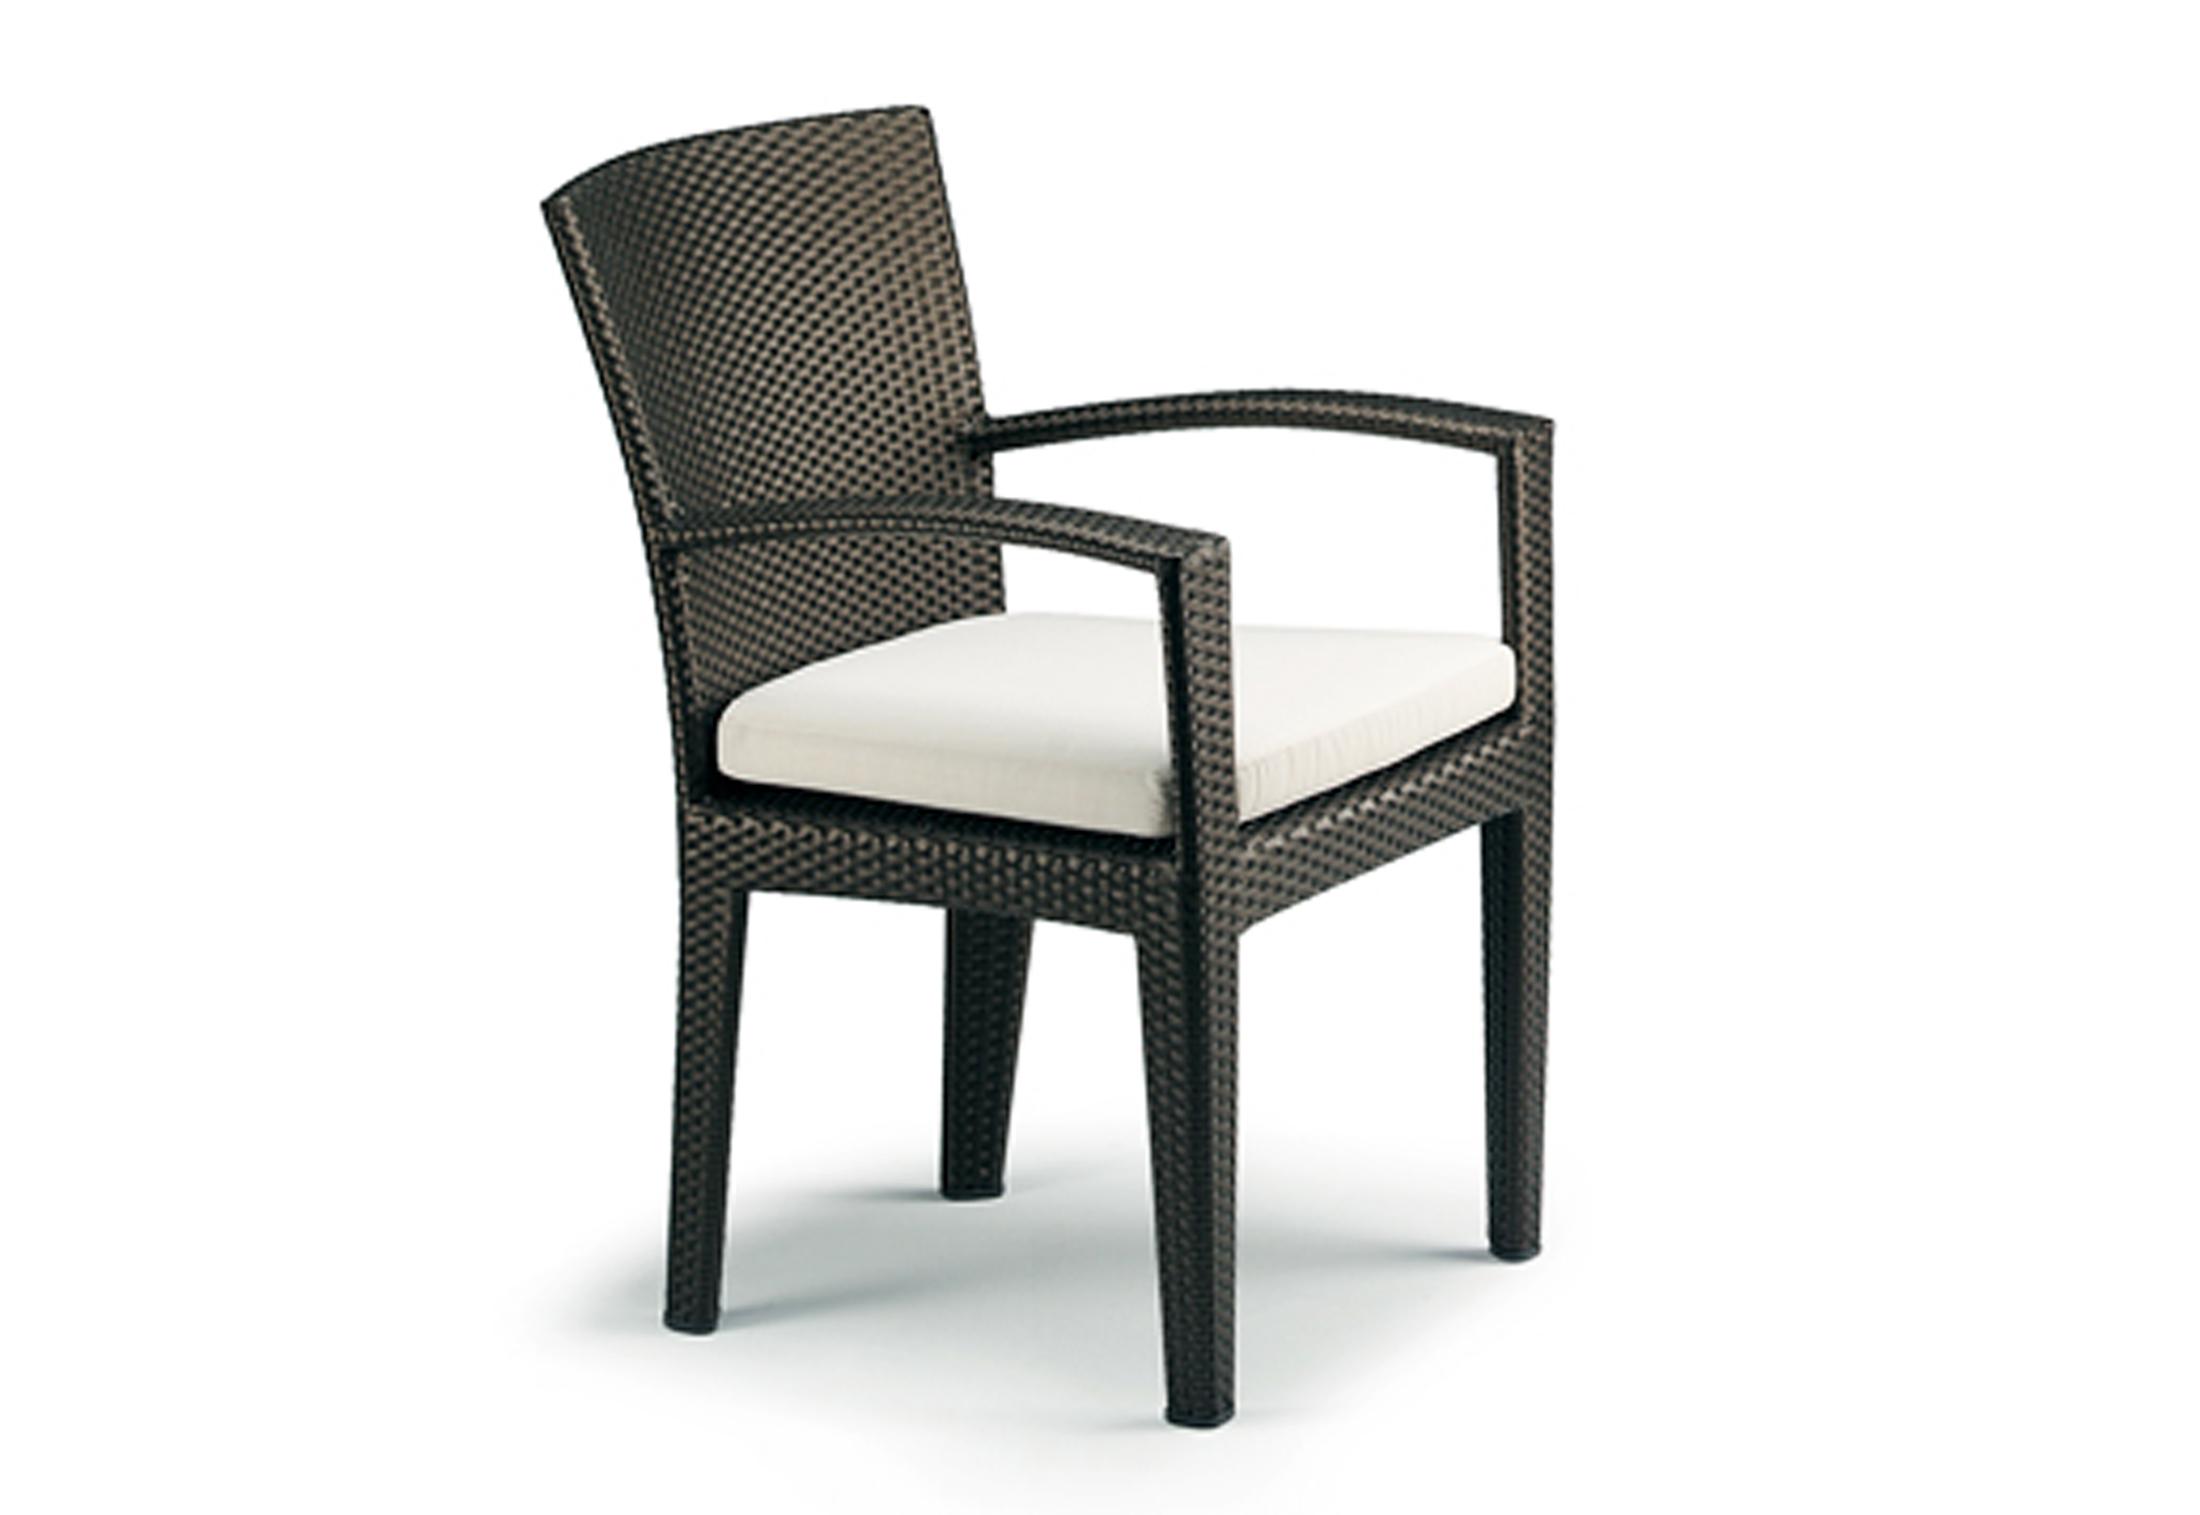 PANAMA armchair by DEDON | STYLEPARK